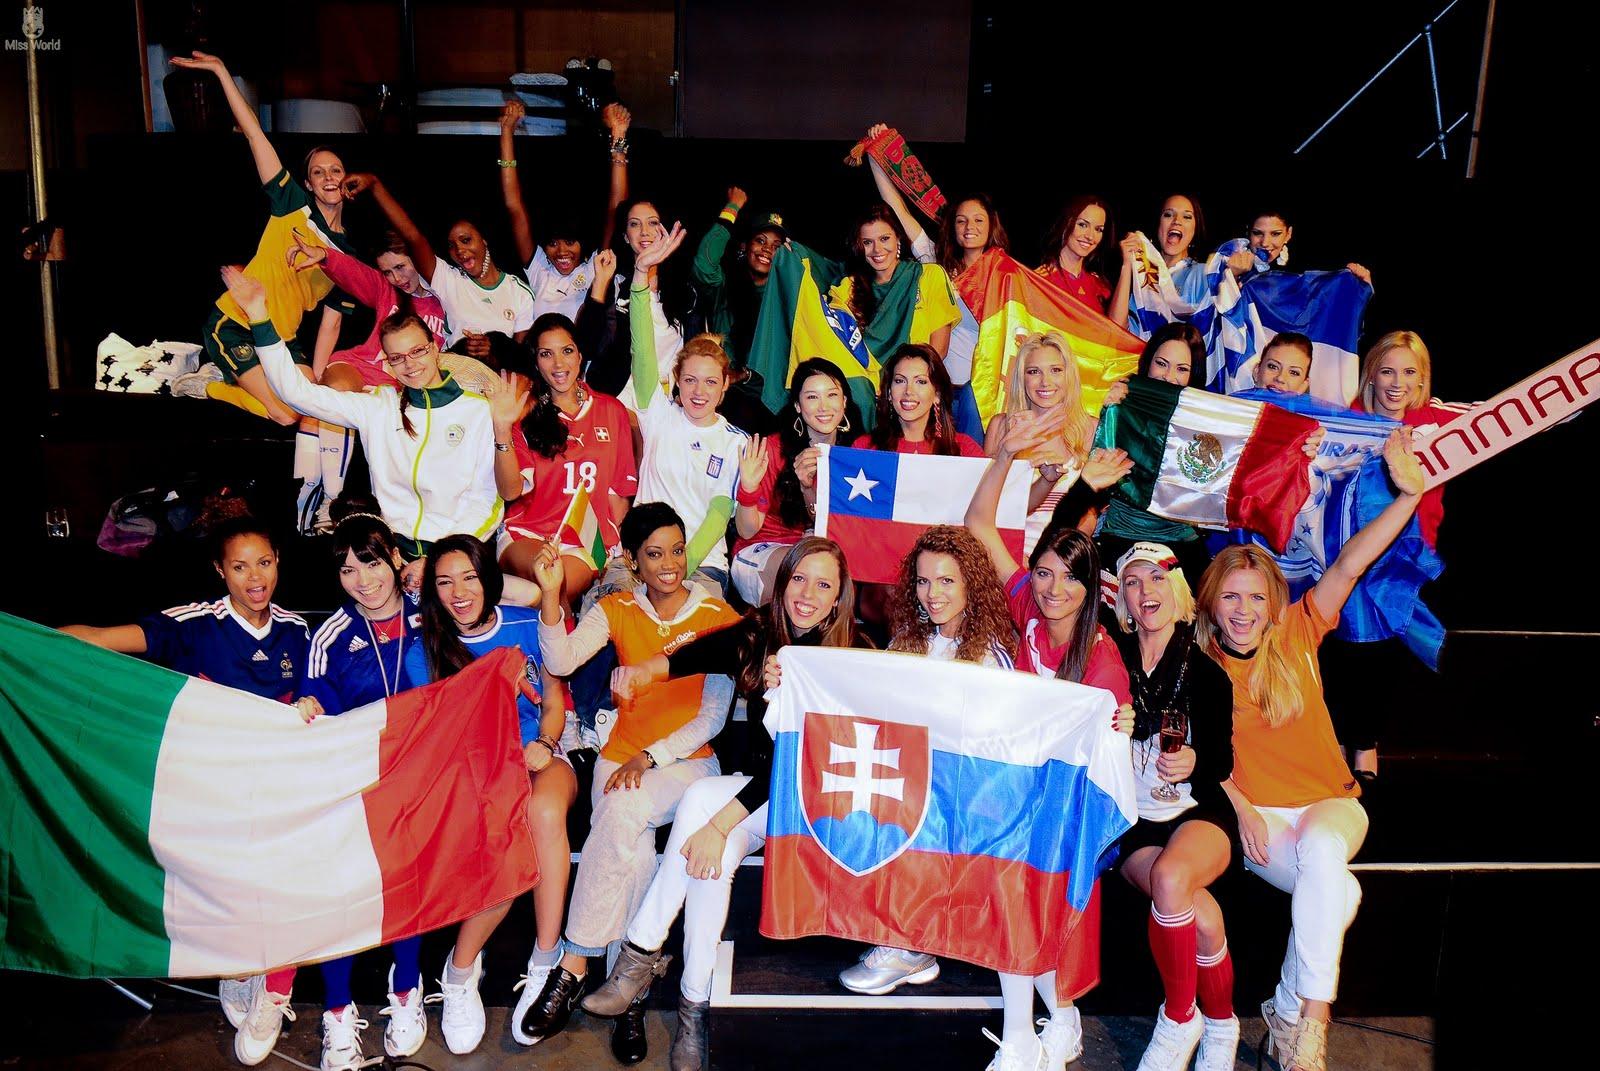 http://3.bp.blogspot.com/_Rc6oL4yEO2w/TBFVkh8R8sI/AAAAAAAAFs0/KscgK5oXqlc/s1600/missworldcup.jpg